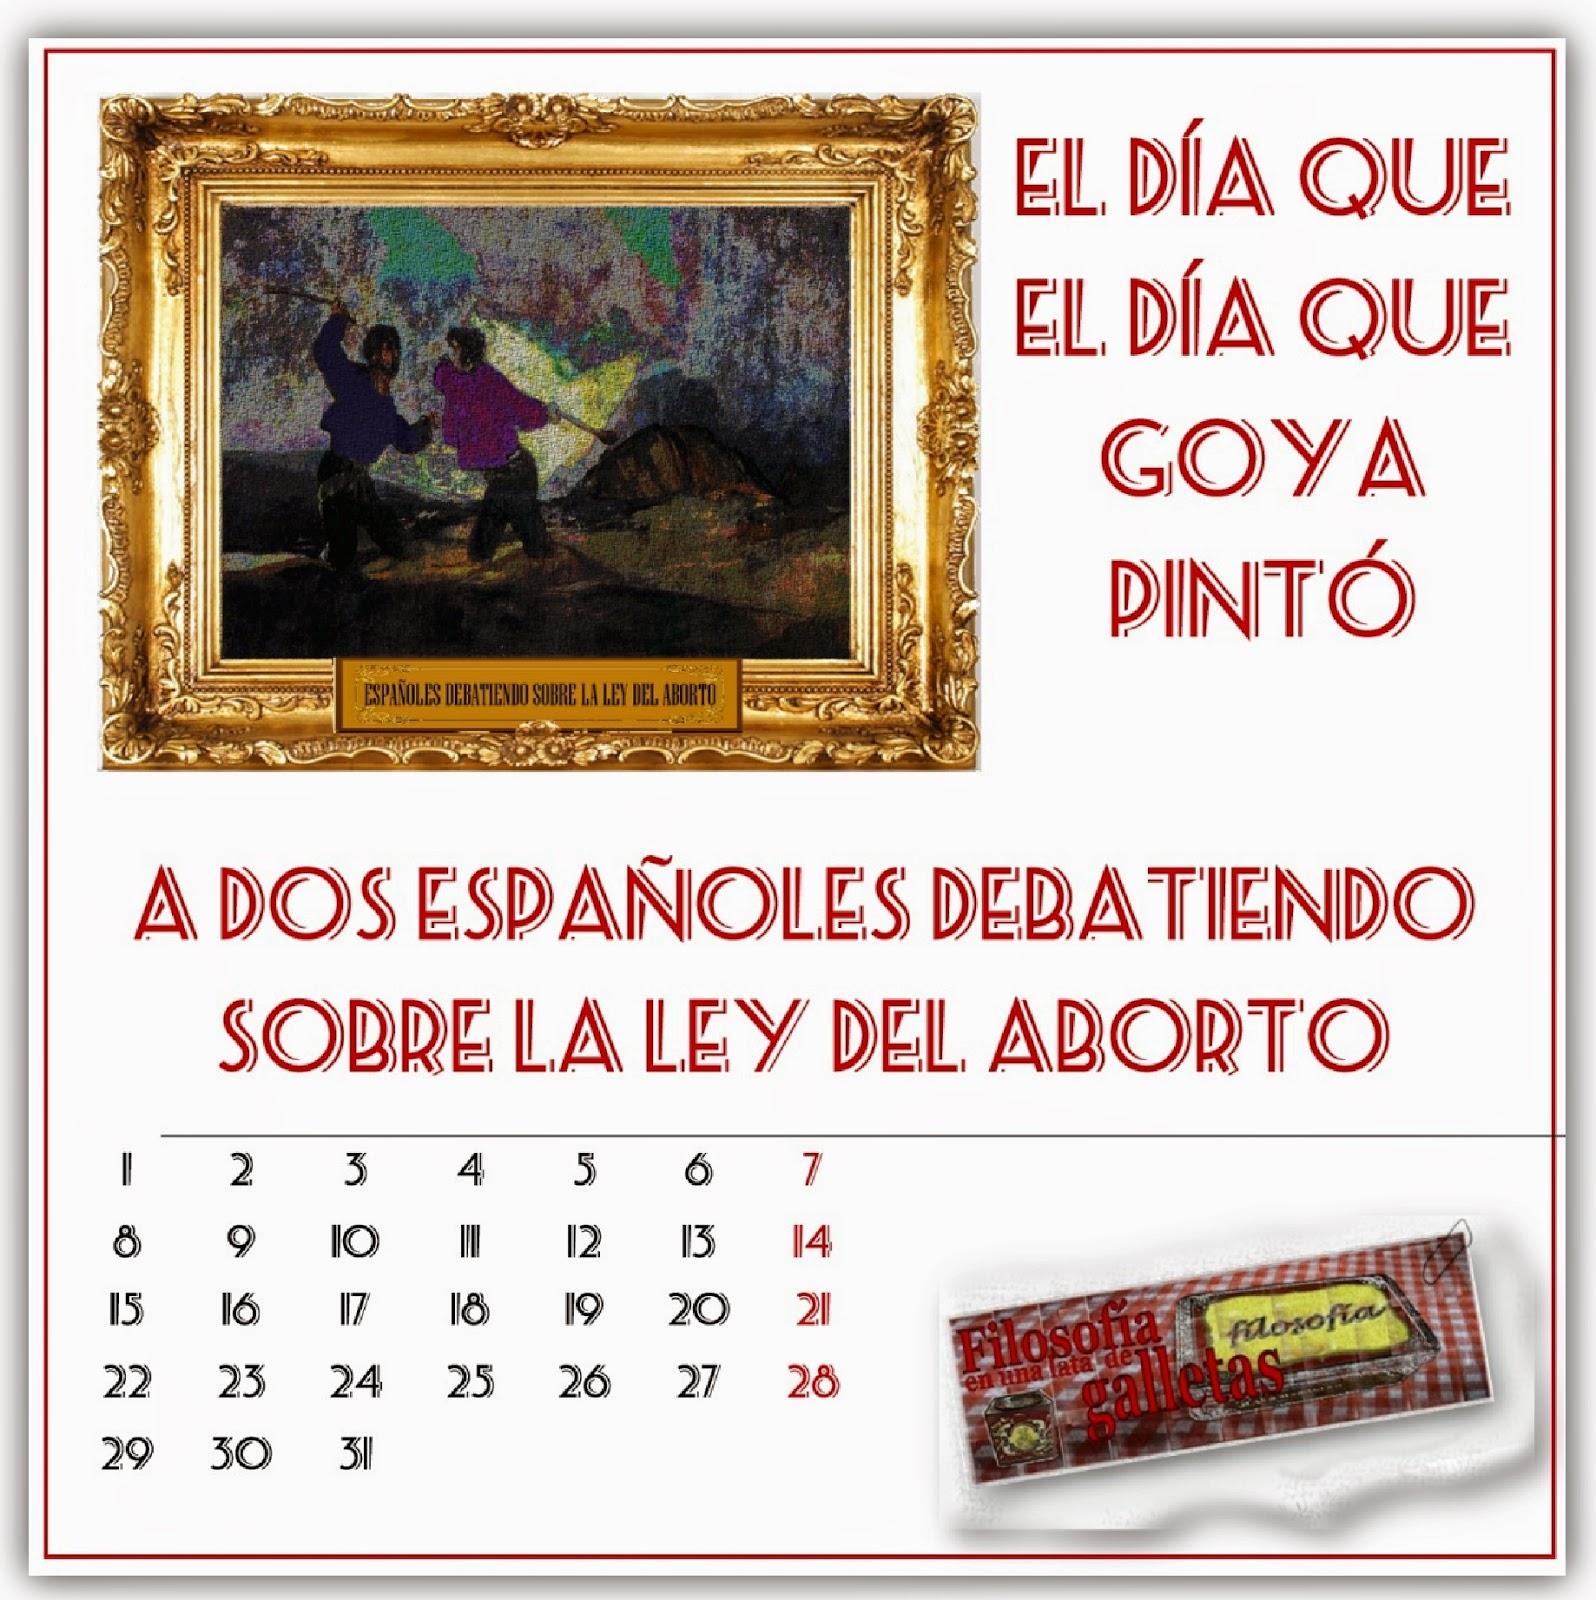 http://unalatadegalletas.blogspot.com.es/2014/03/el-dia-que-goya-pinto-dos-espanoles.html